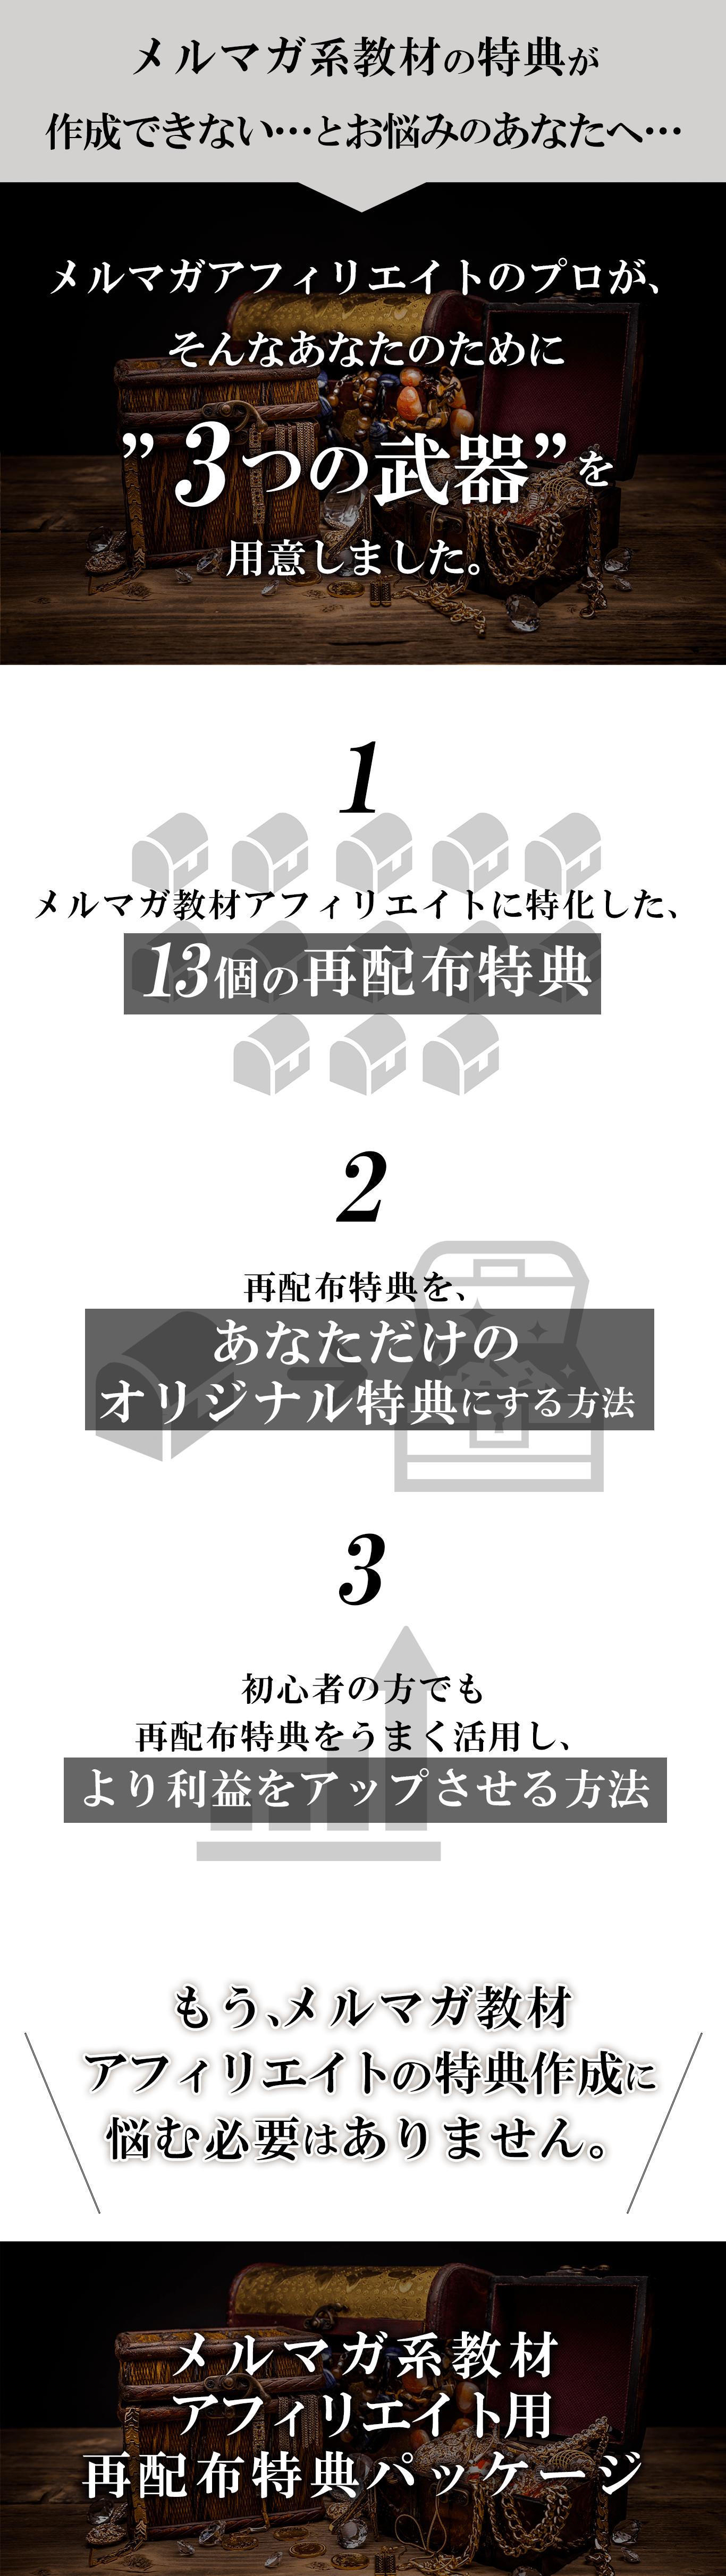 header-2-b-min